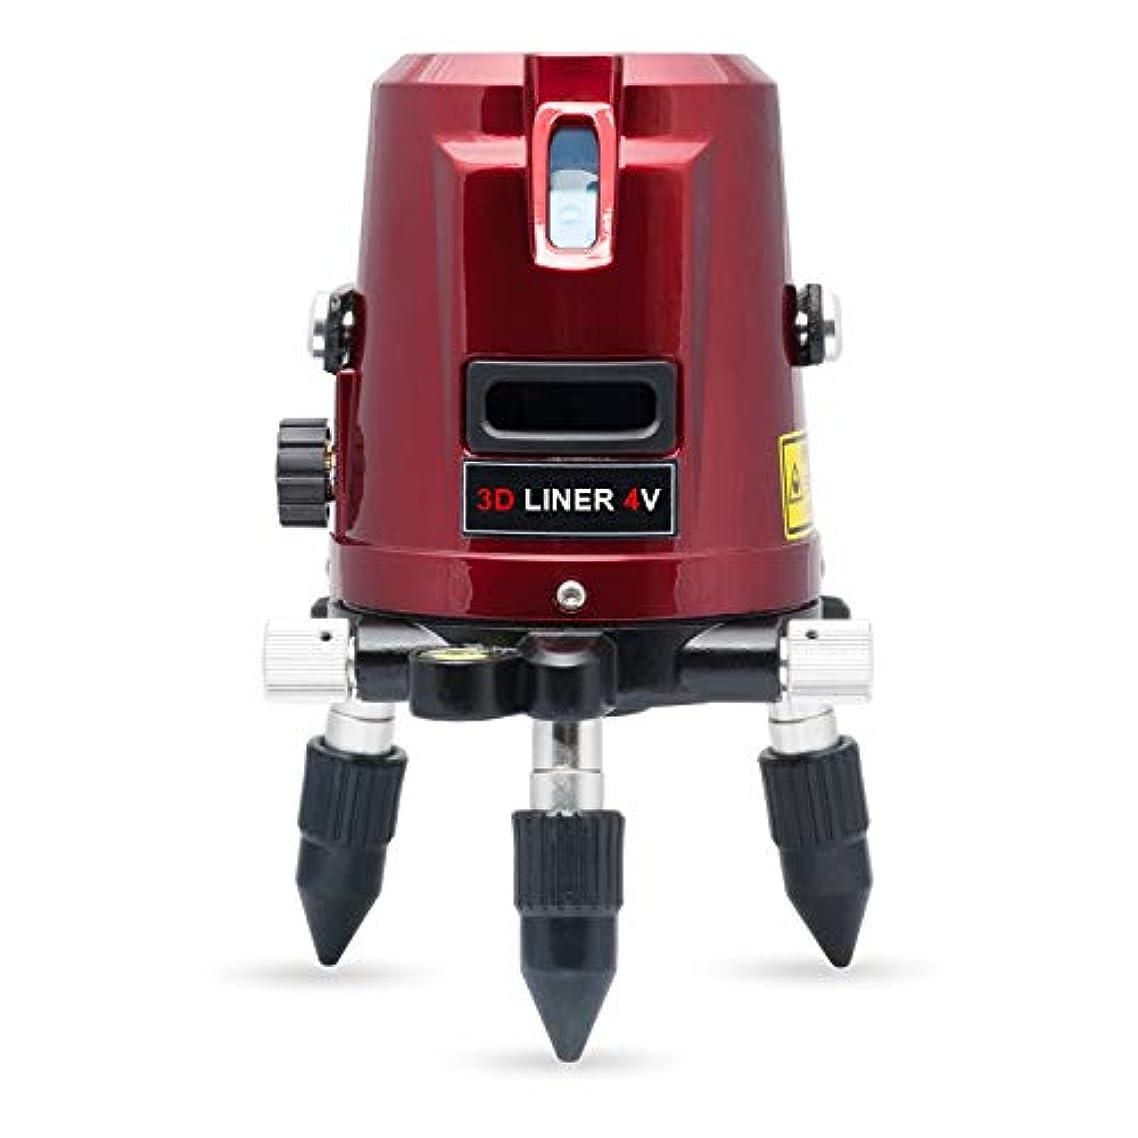 謝る間違っている降伏ADA Instruments レーザー墨出し器 3Dライナー4V 受光器(別売りLR60)対応 コンパクト 高輝度 墨出し機 墨出器 オート―レーザー 墨出しレーザー 送料無料